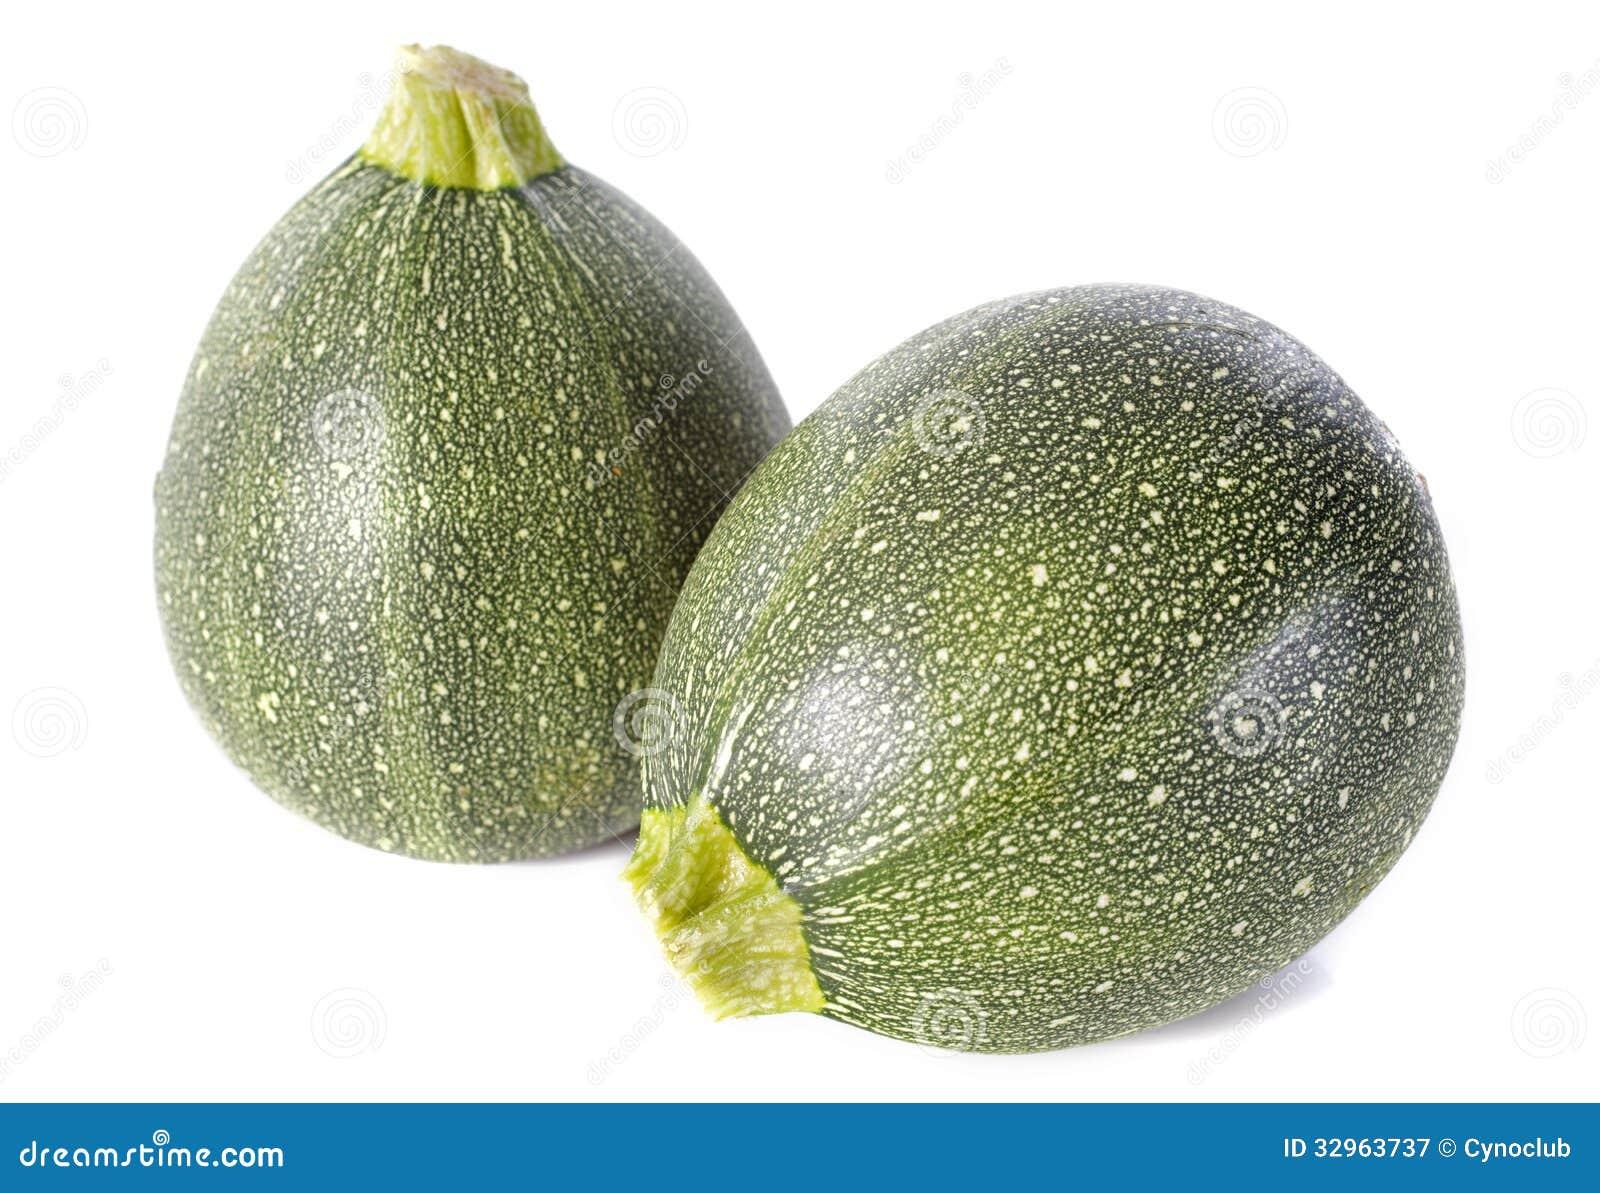 runde zucchini stockbild bild von gr n zucchini essen 32963737. Black Bedroom Furniture Sets. Home Design Ideas